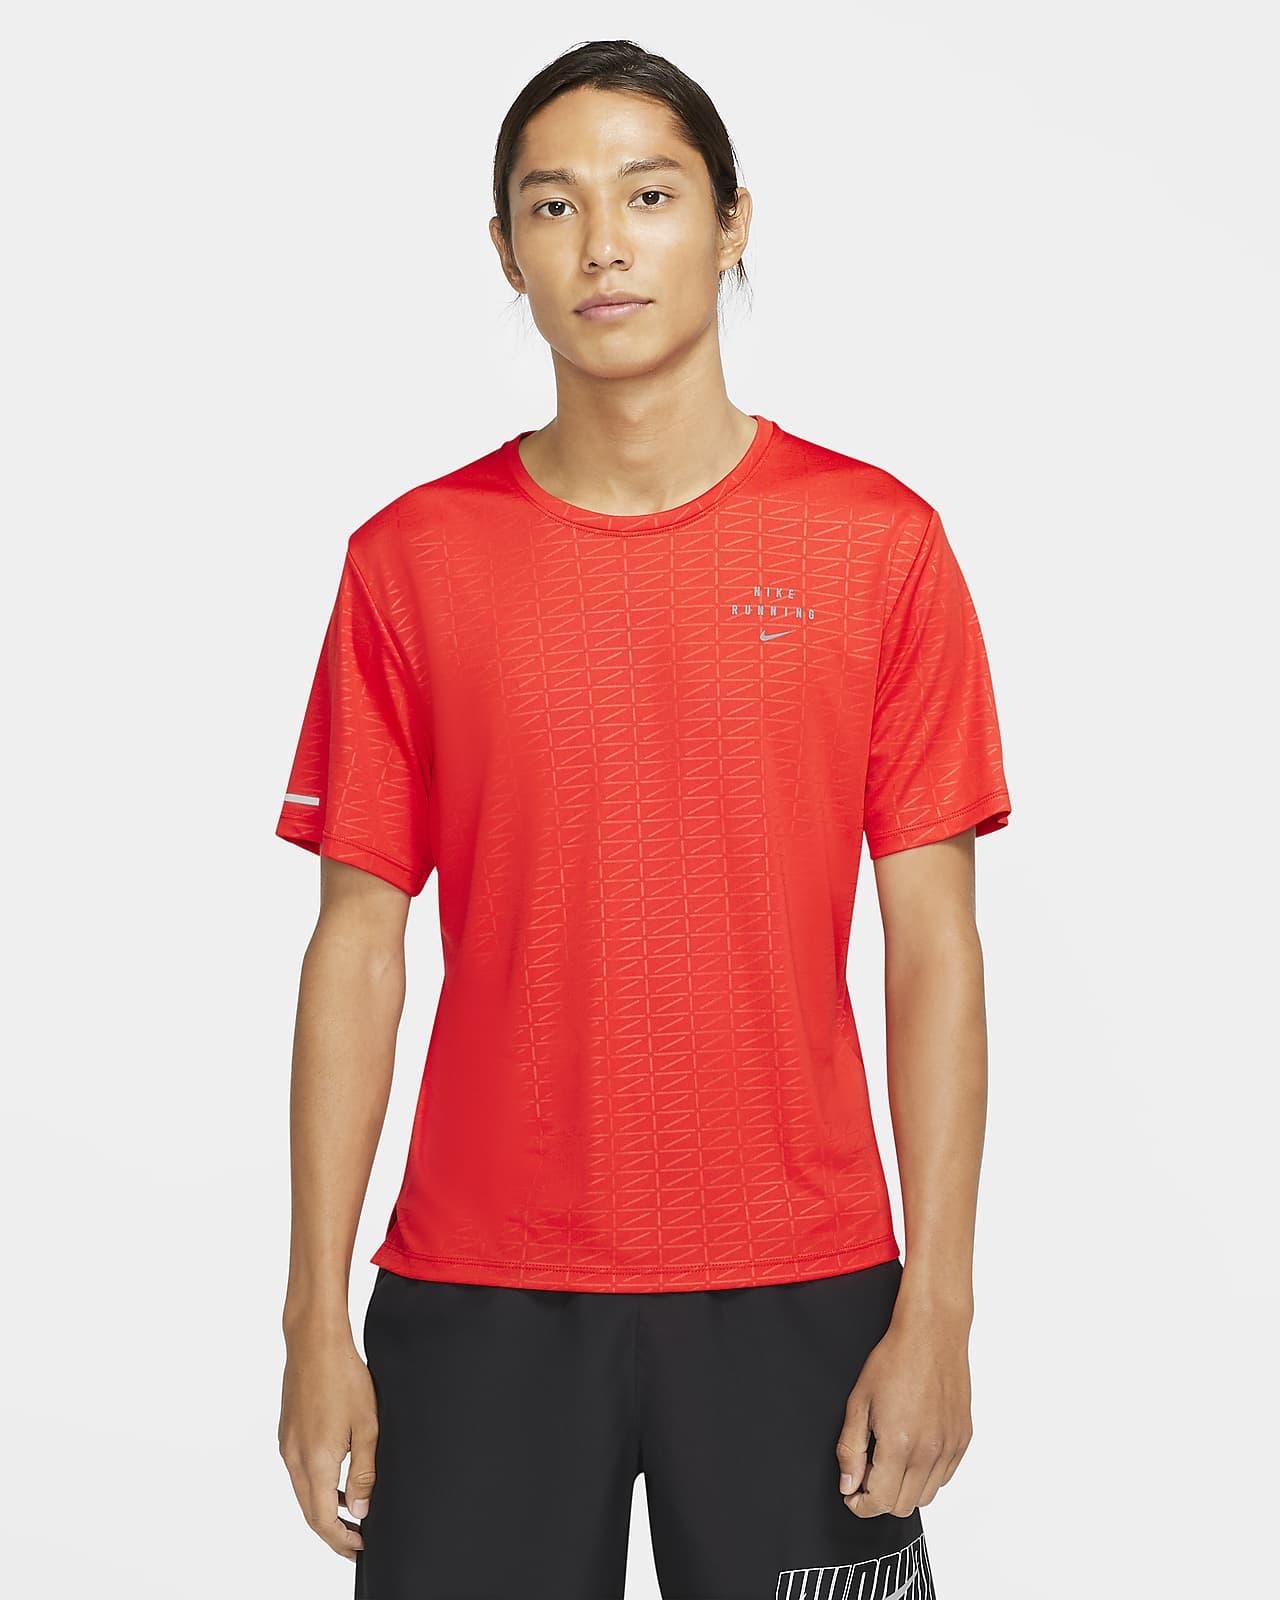 Nike Miler Run Division Men's Short-Sleeve Top